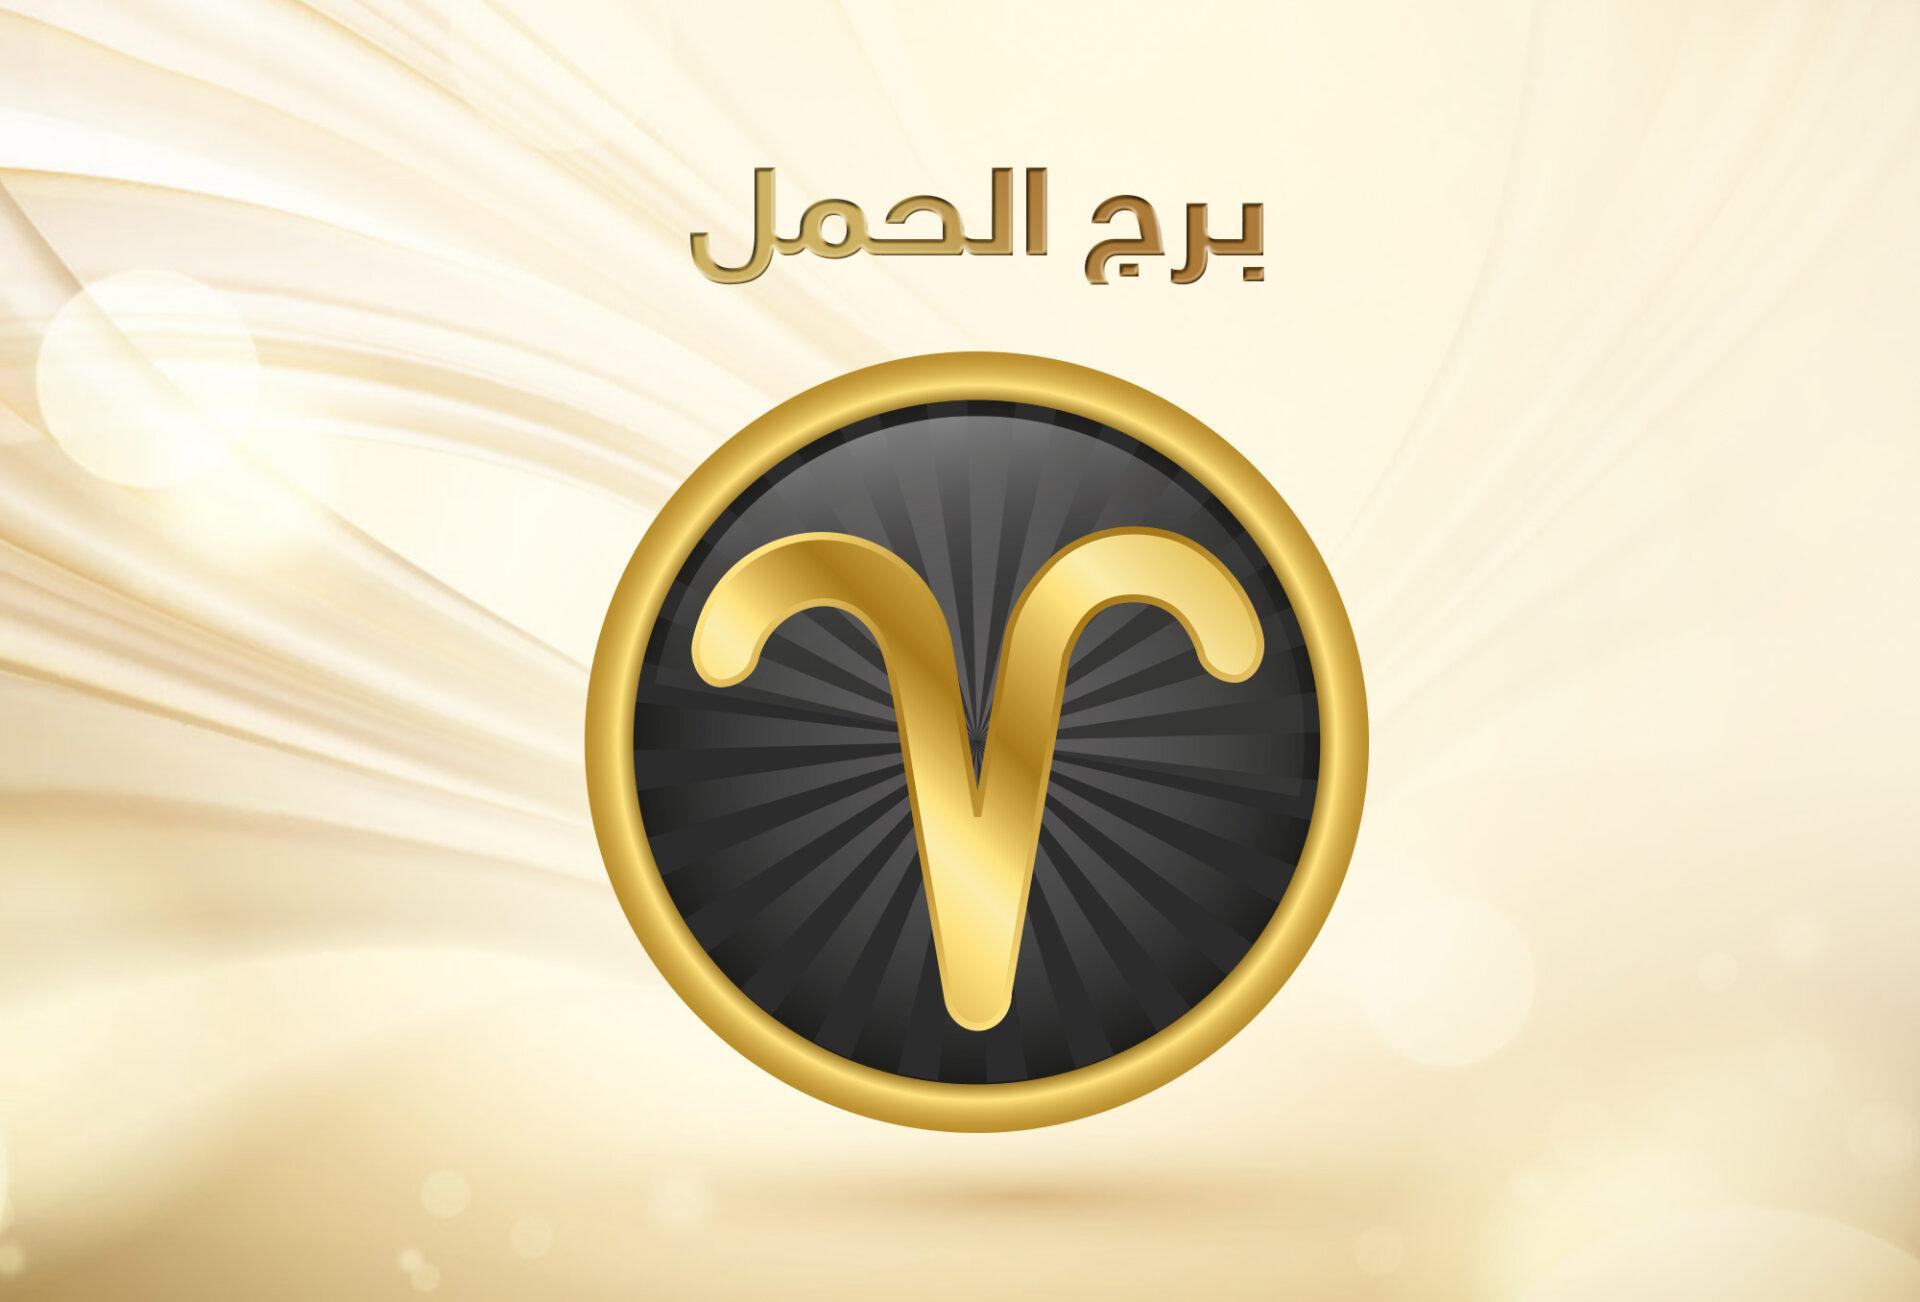 برج الحمل الجمعة 29/5/2020 ، توقعات برج الحمل 29 مايو 2020 ، الحمل الجمعة 29-5-2020